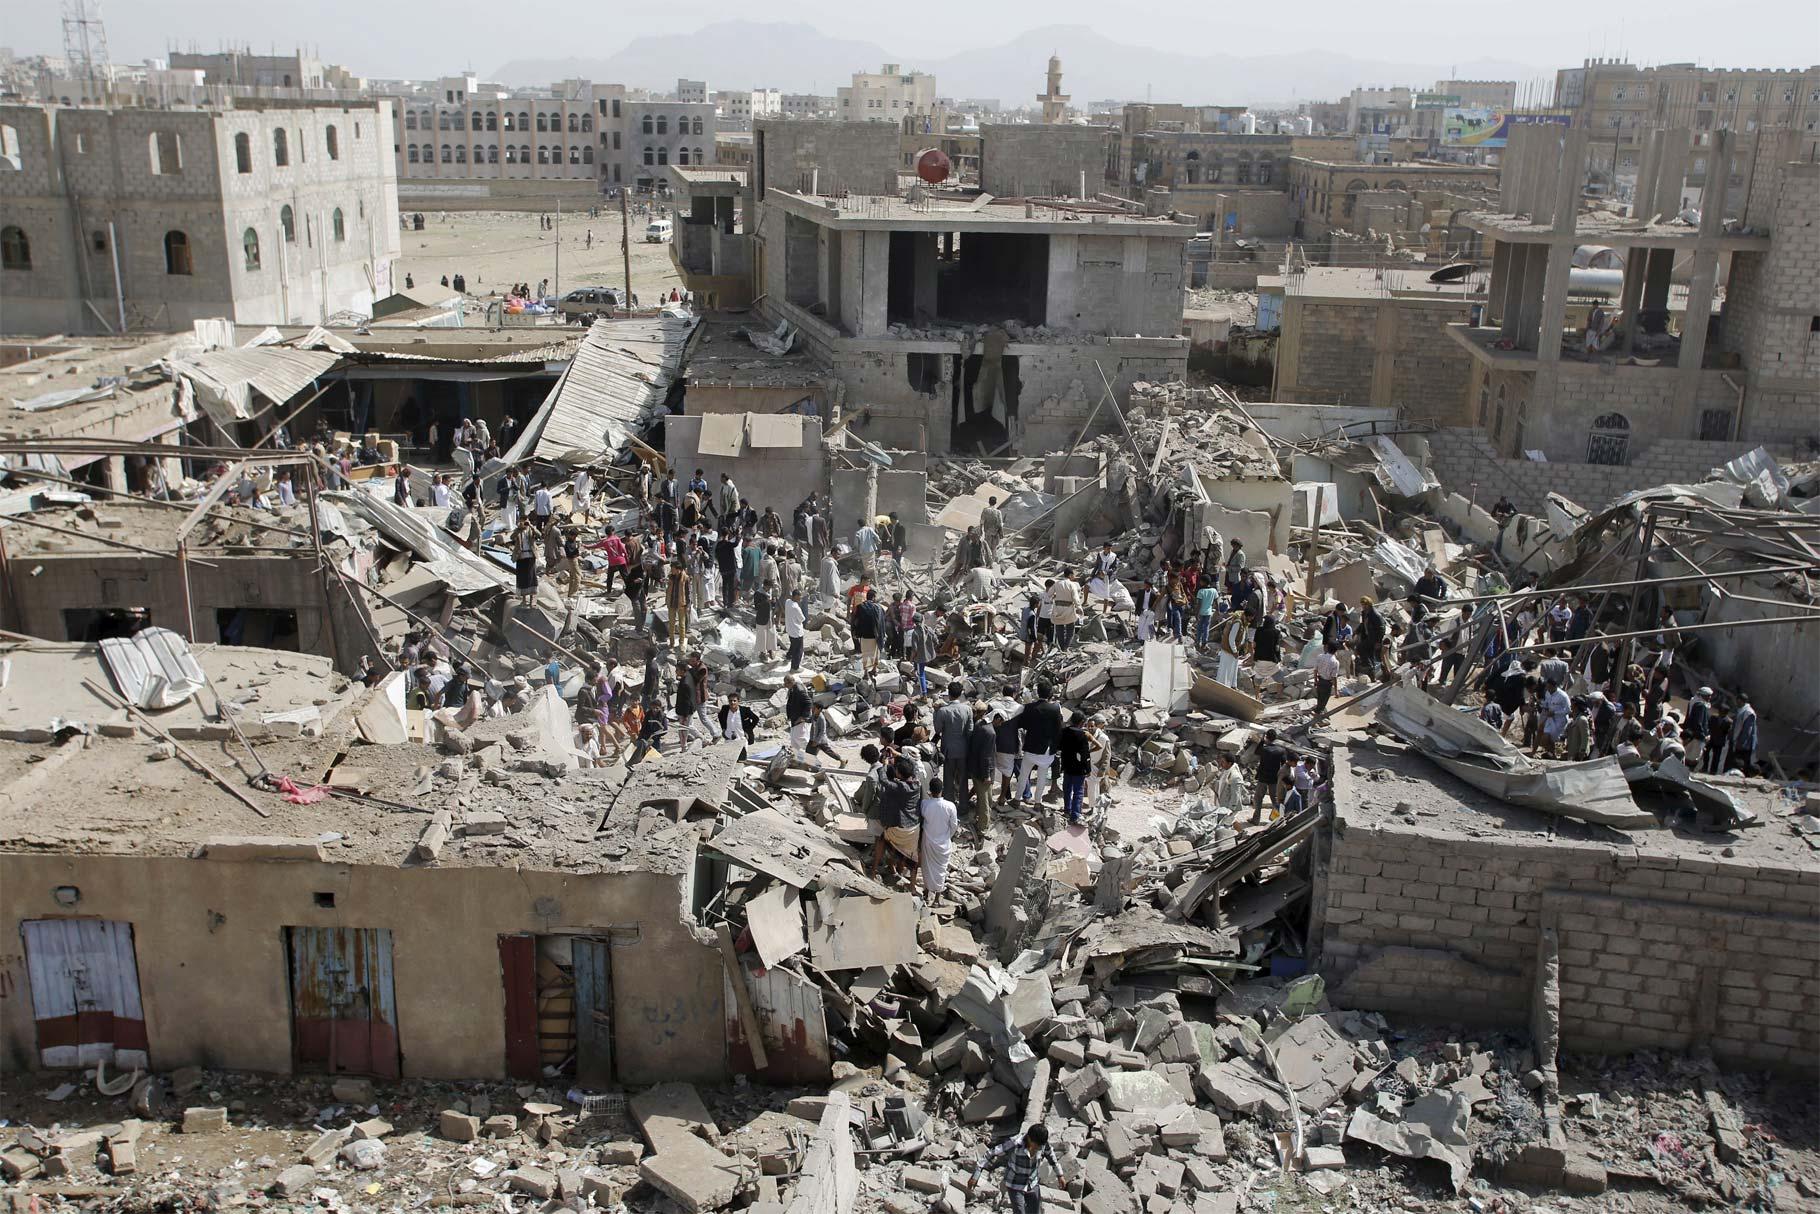 Desde hace días, Yemen mantiene un enfrentamiento entre el gobierno y los rebeldes